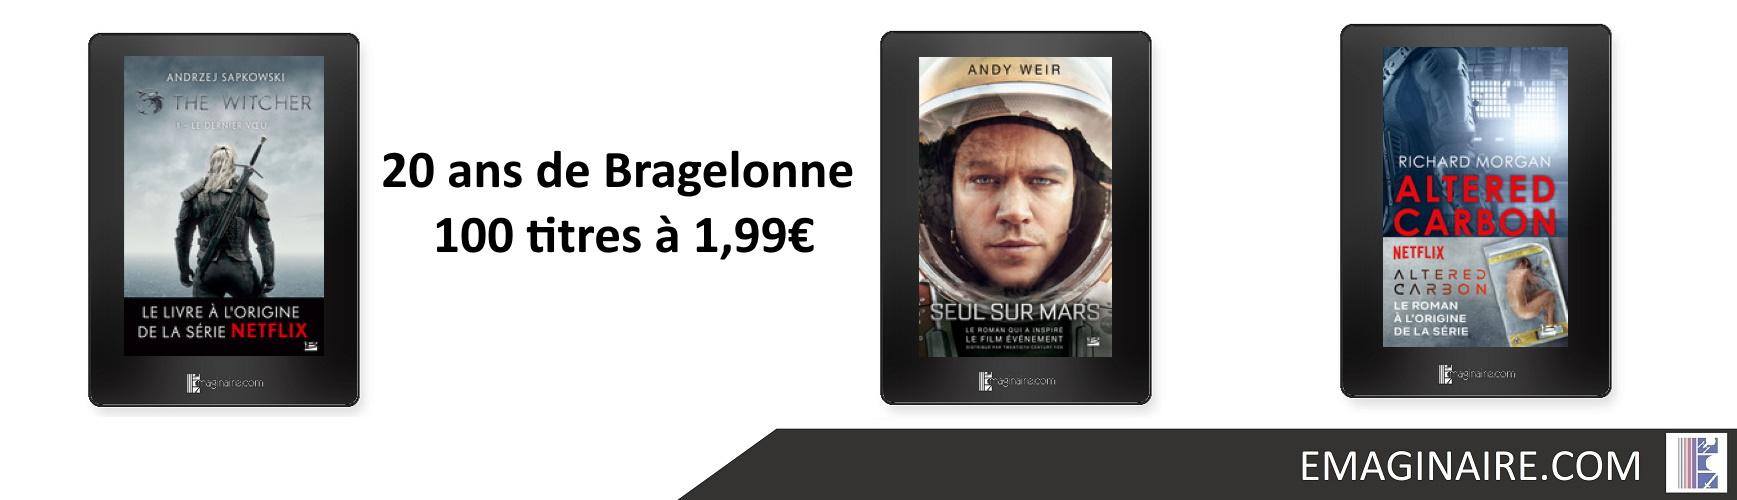 20 ans de Bragelonne - 100 titres à 1,99€